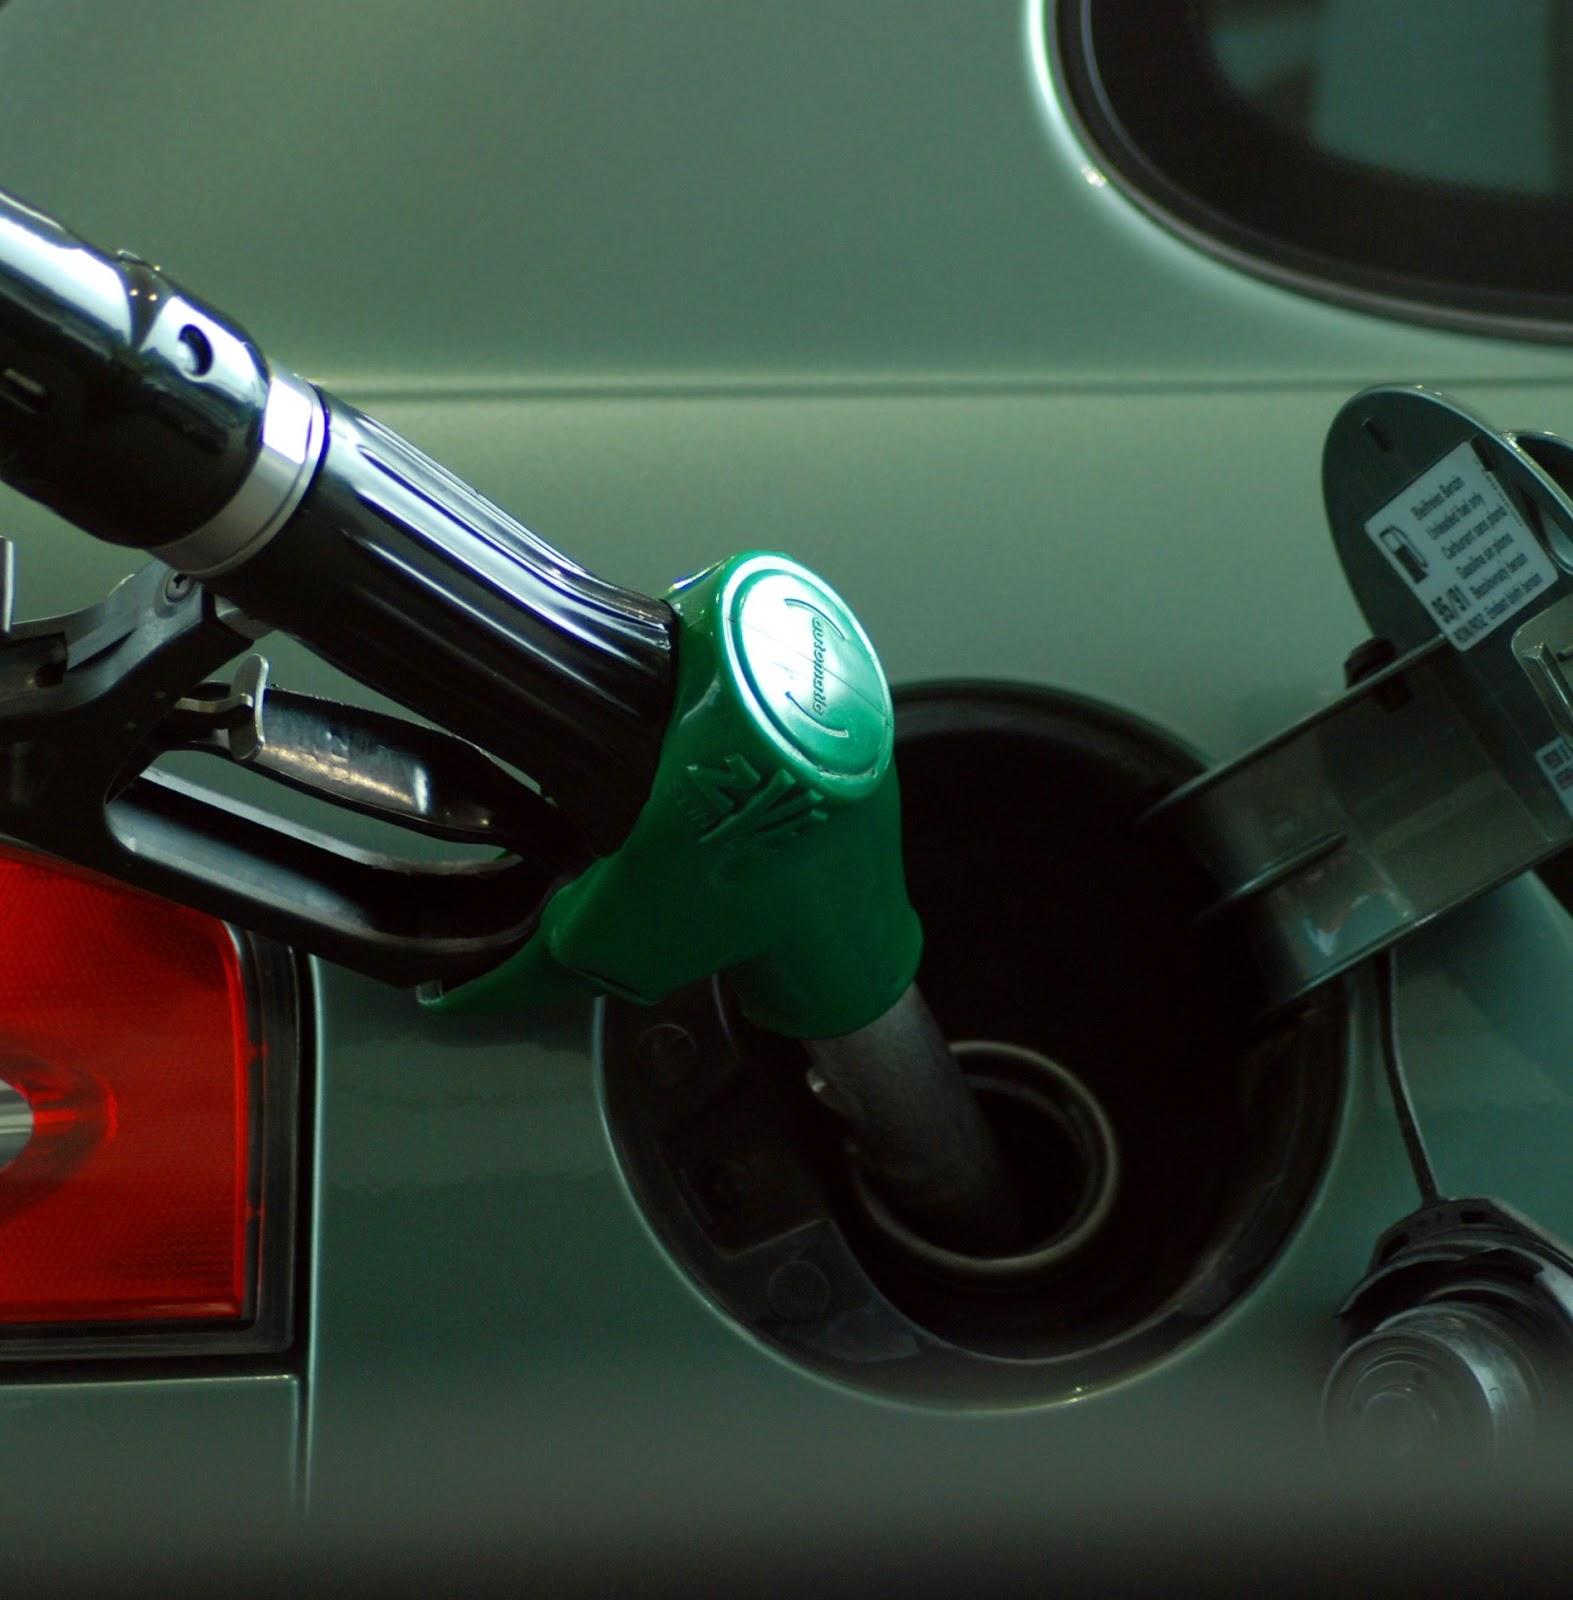 kort med rabatt på bensin